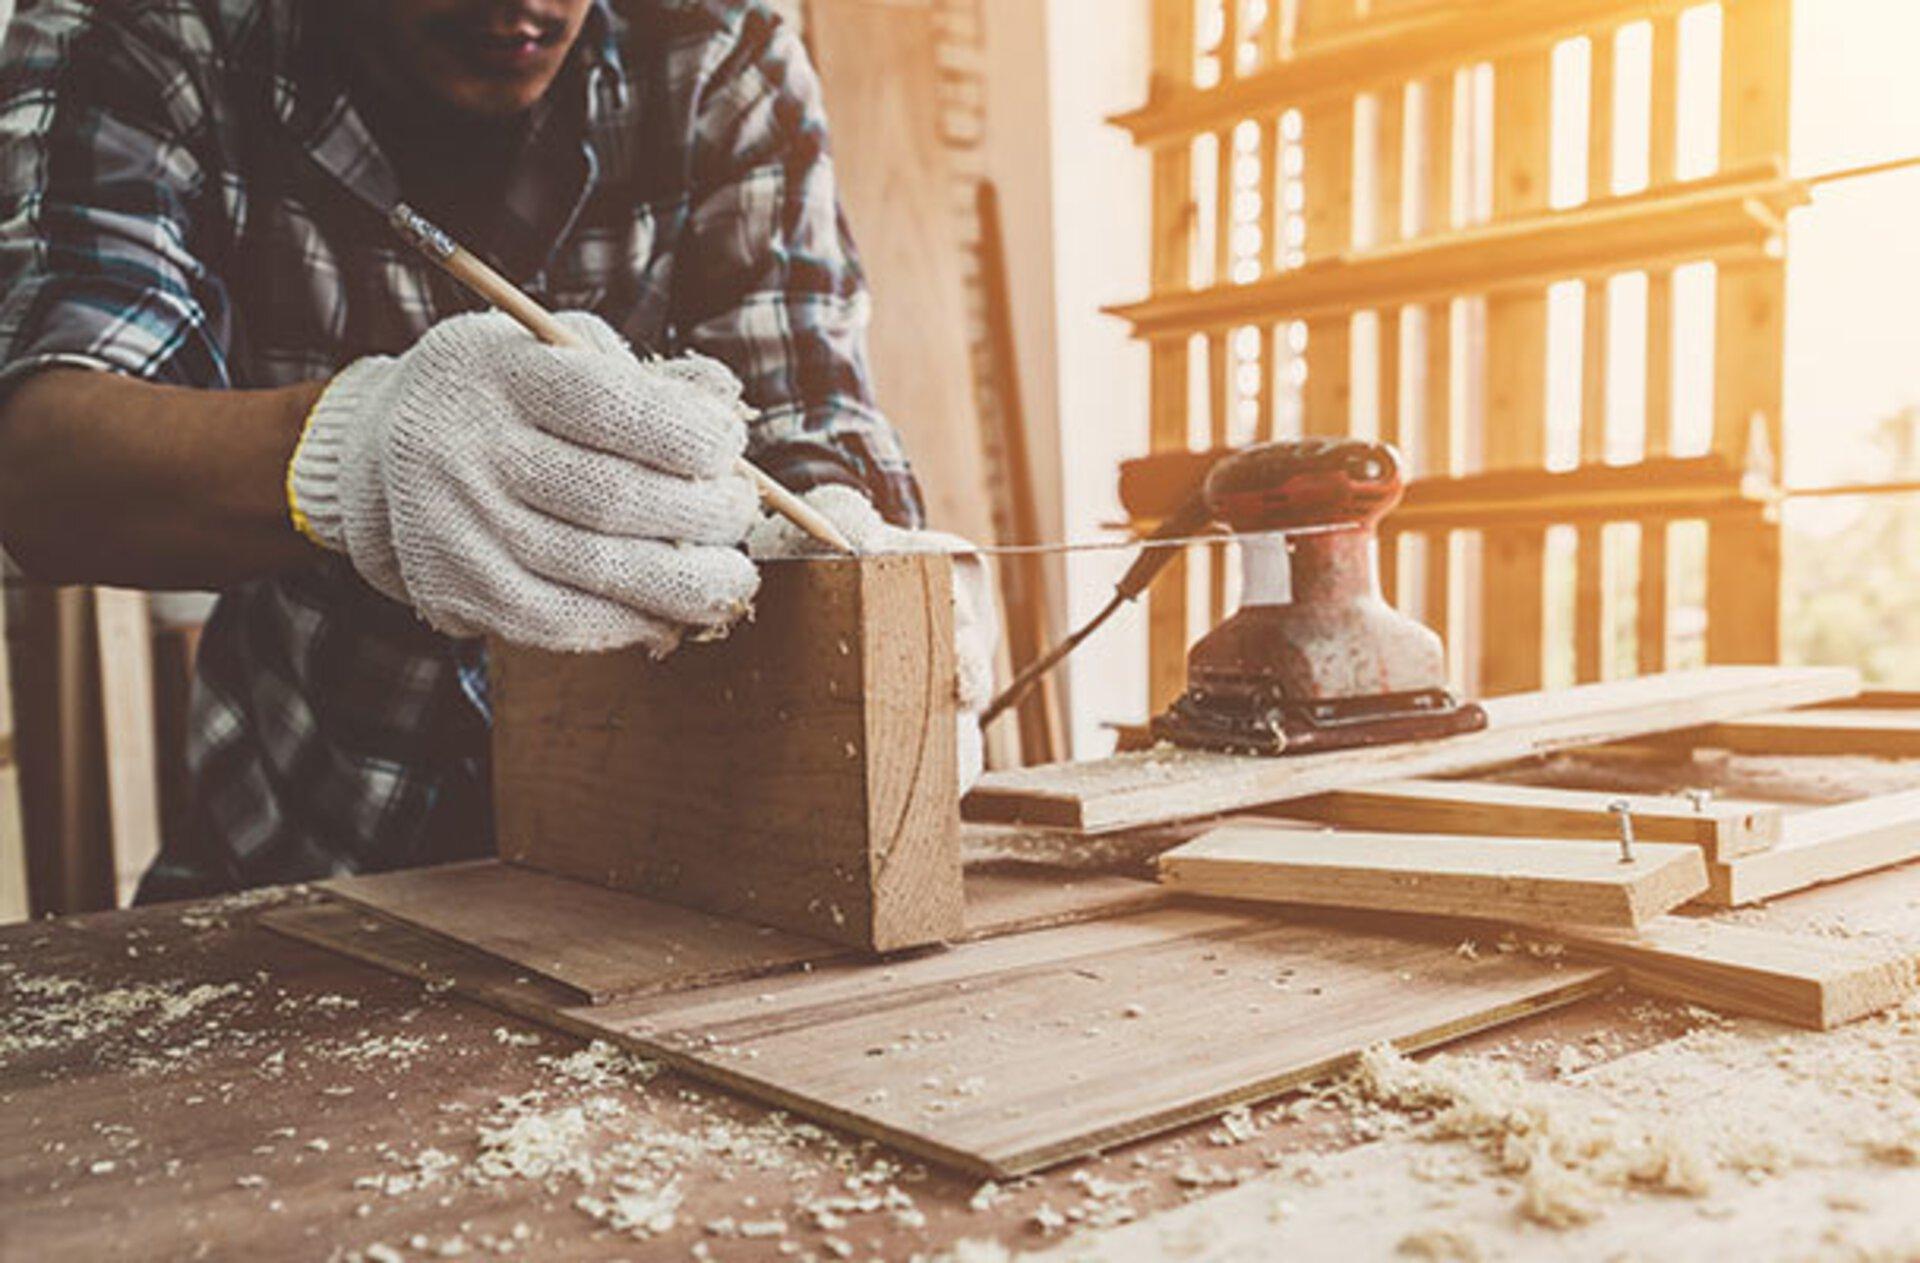 Holz bearbeiten in der Schreinerei